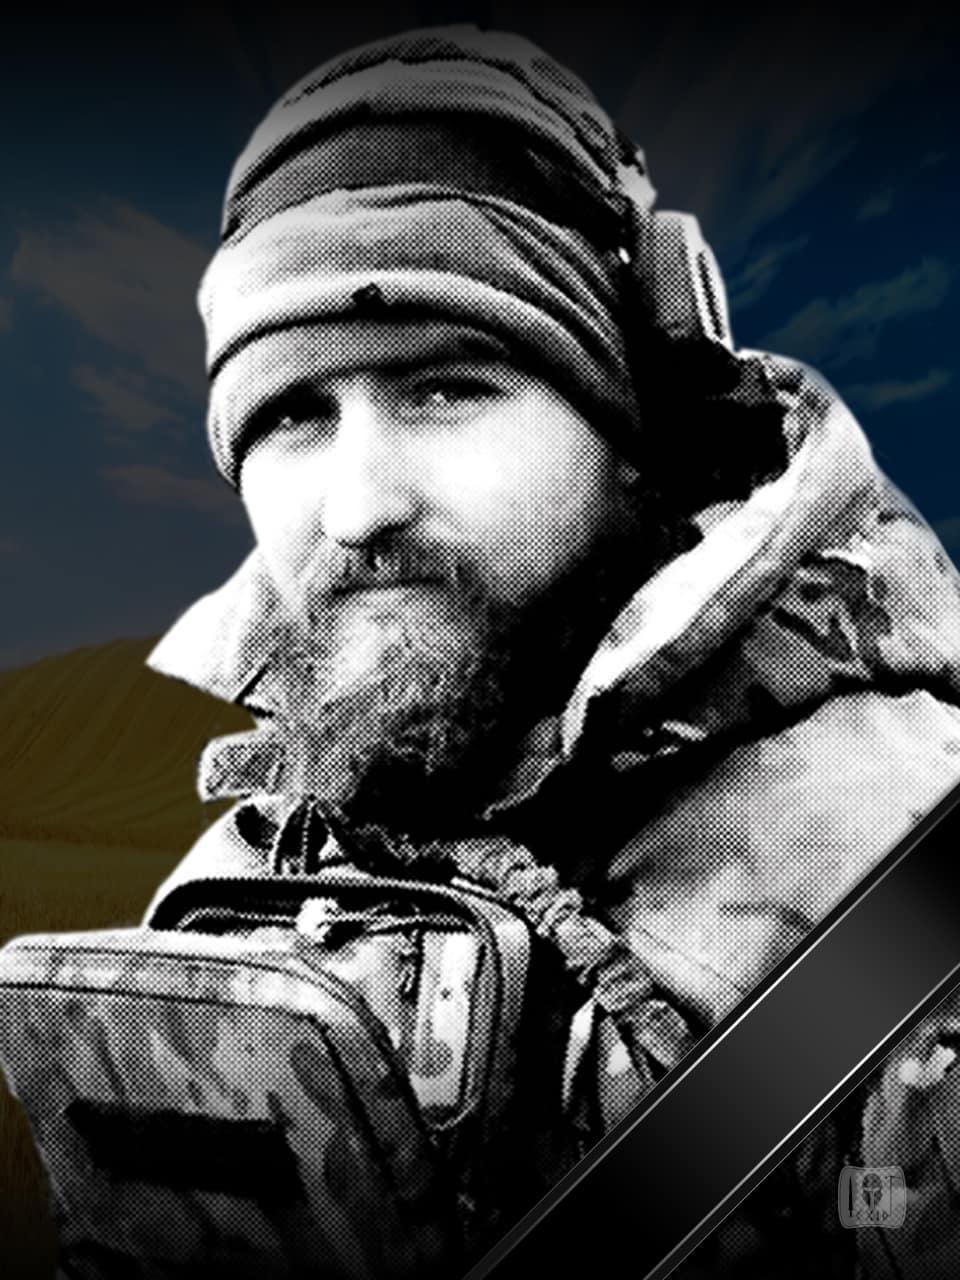 9 березня треті роковини з дня загибелі одного з кращих розвідників полку «Азов» Юрія Луговського на псевдо «Баррет»